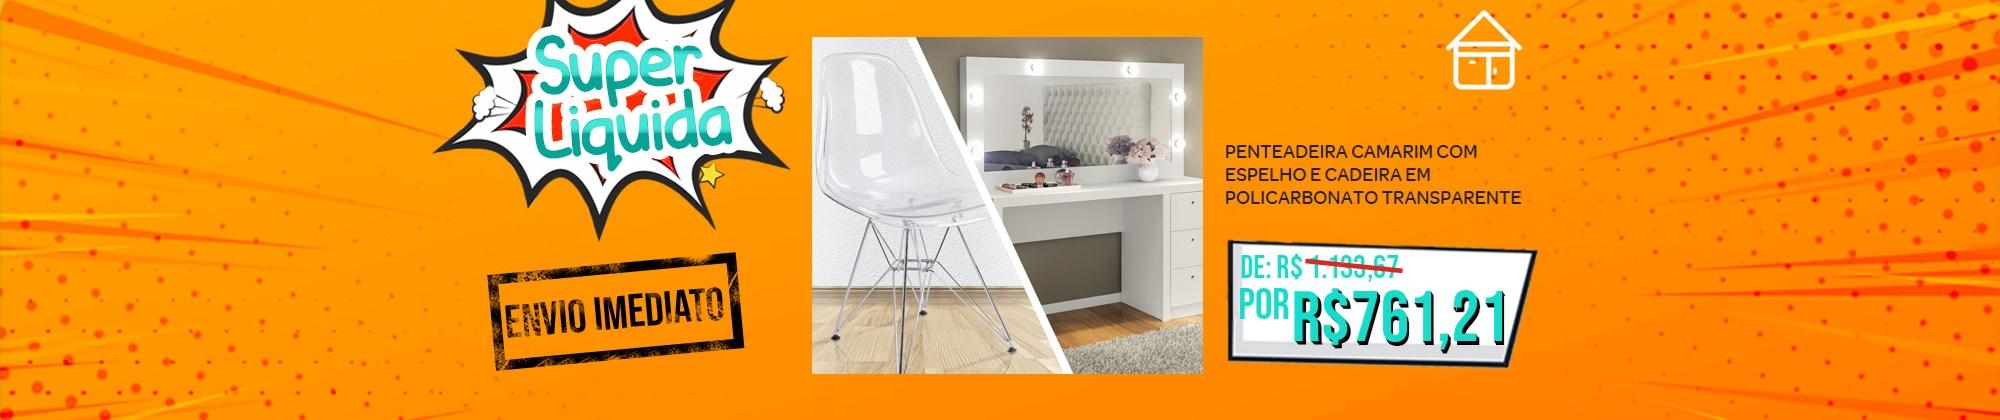 Penteadeira Camarim Branco Tecno Mobili com cadeira em policarbonato transparente Casa Aberta Brasil